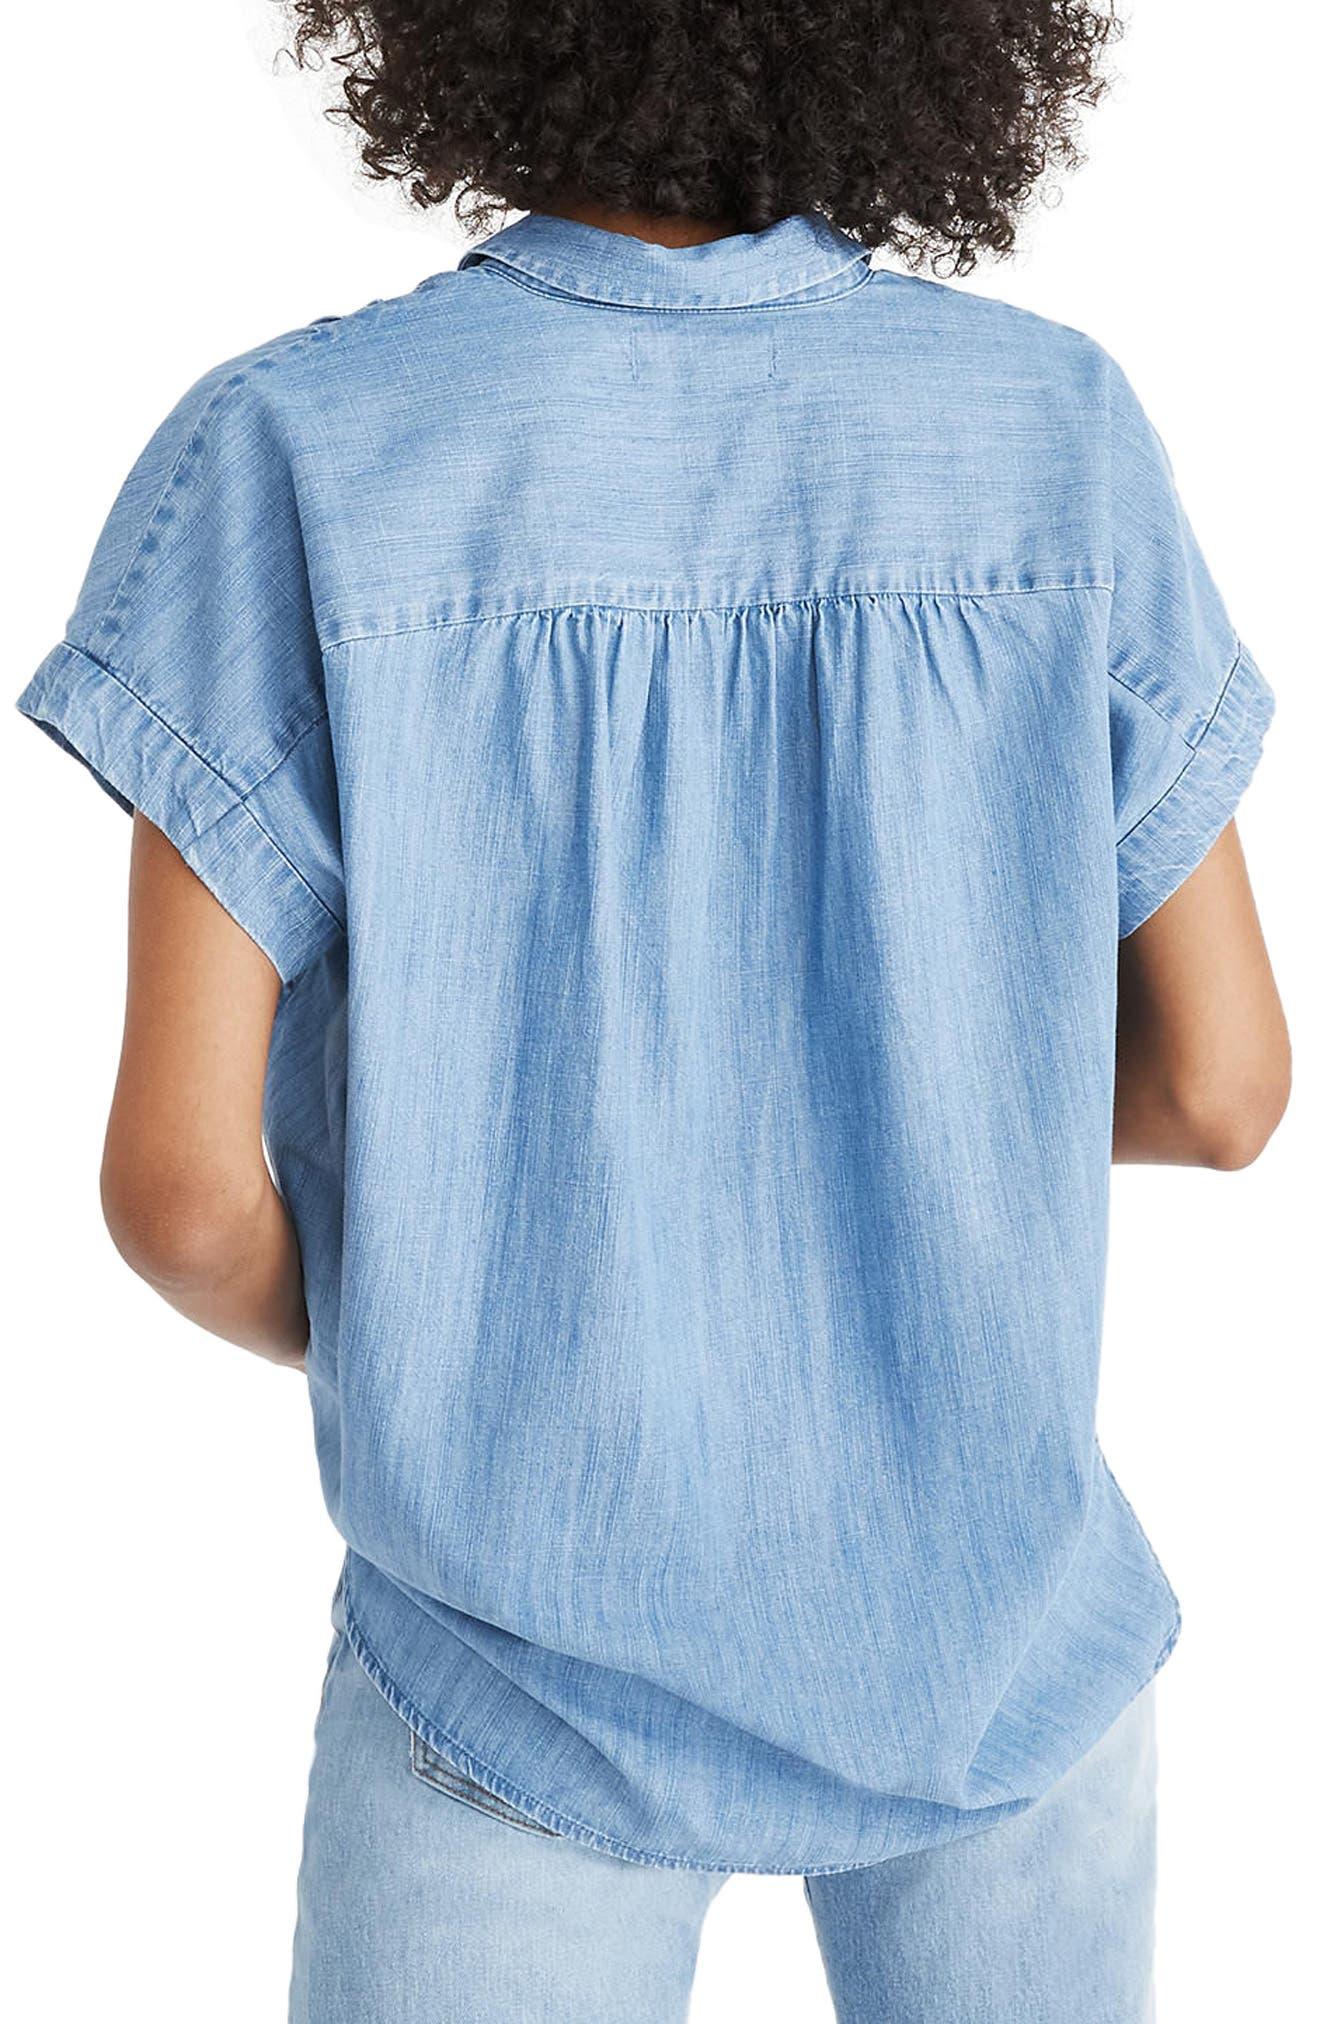 Central Chambray Shirt,                             Alternate thumbnail 2, color,                             Roberta Wash